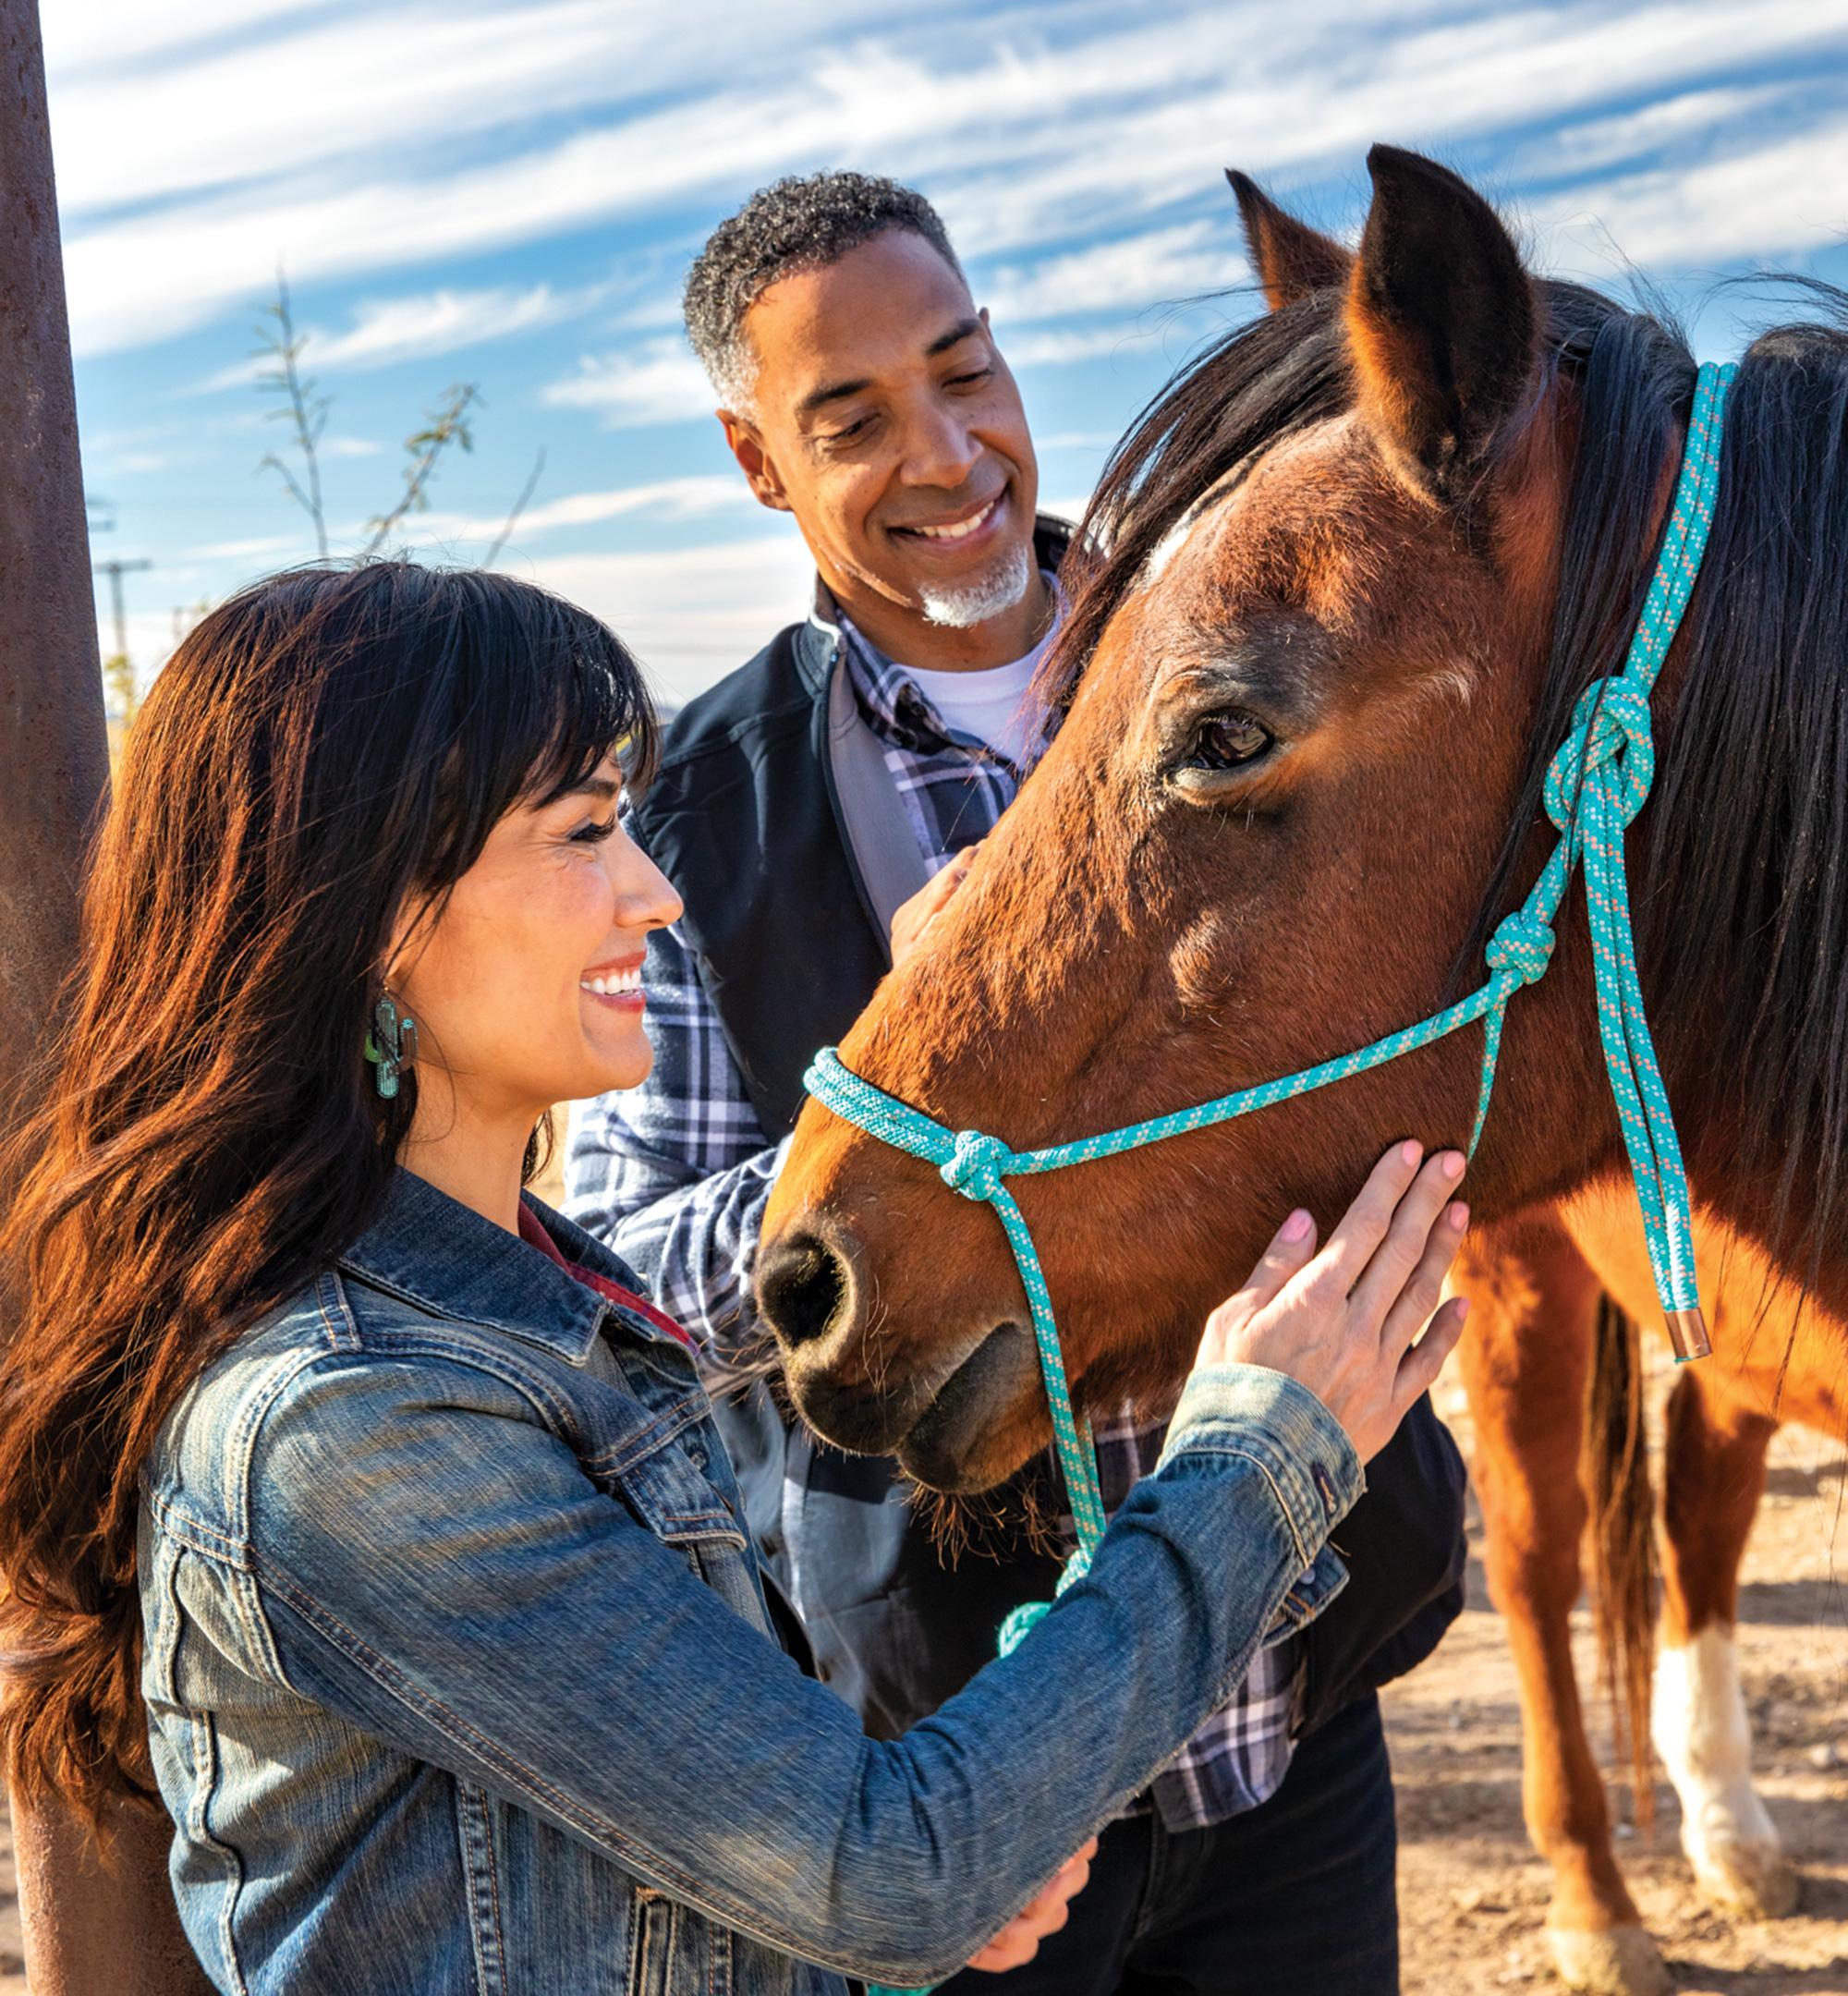 Neighboring horses; Photo by Kevin Kaminski; Models: Lauren Alonzo & Russell Scott/Ford Robert Black Agency